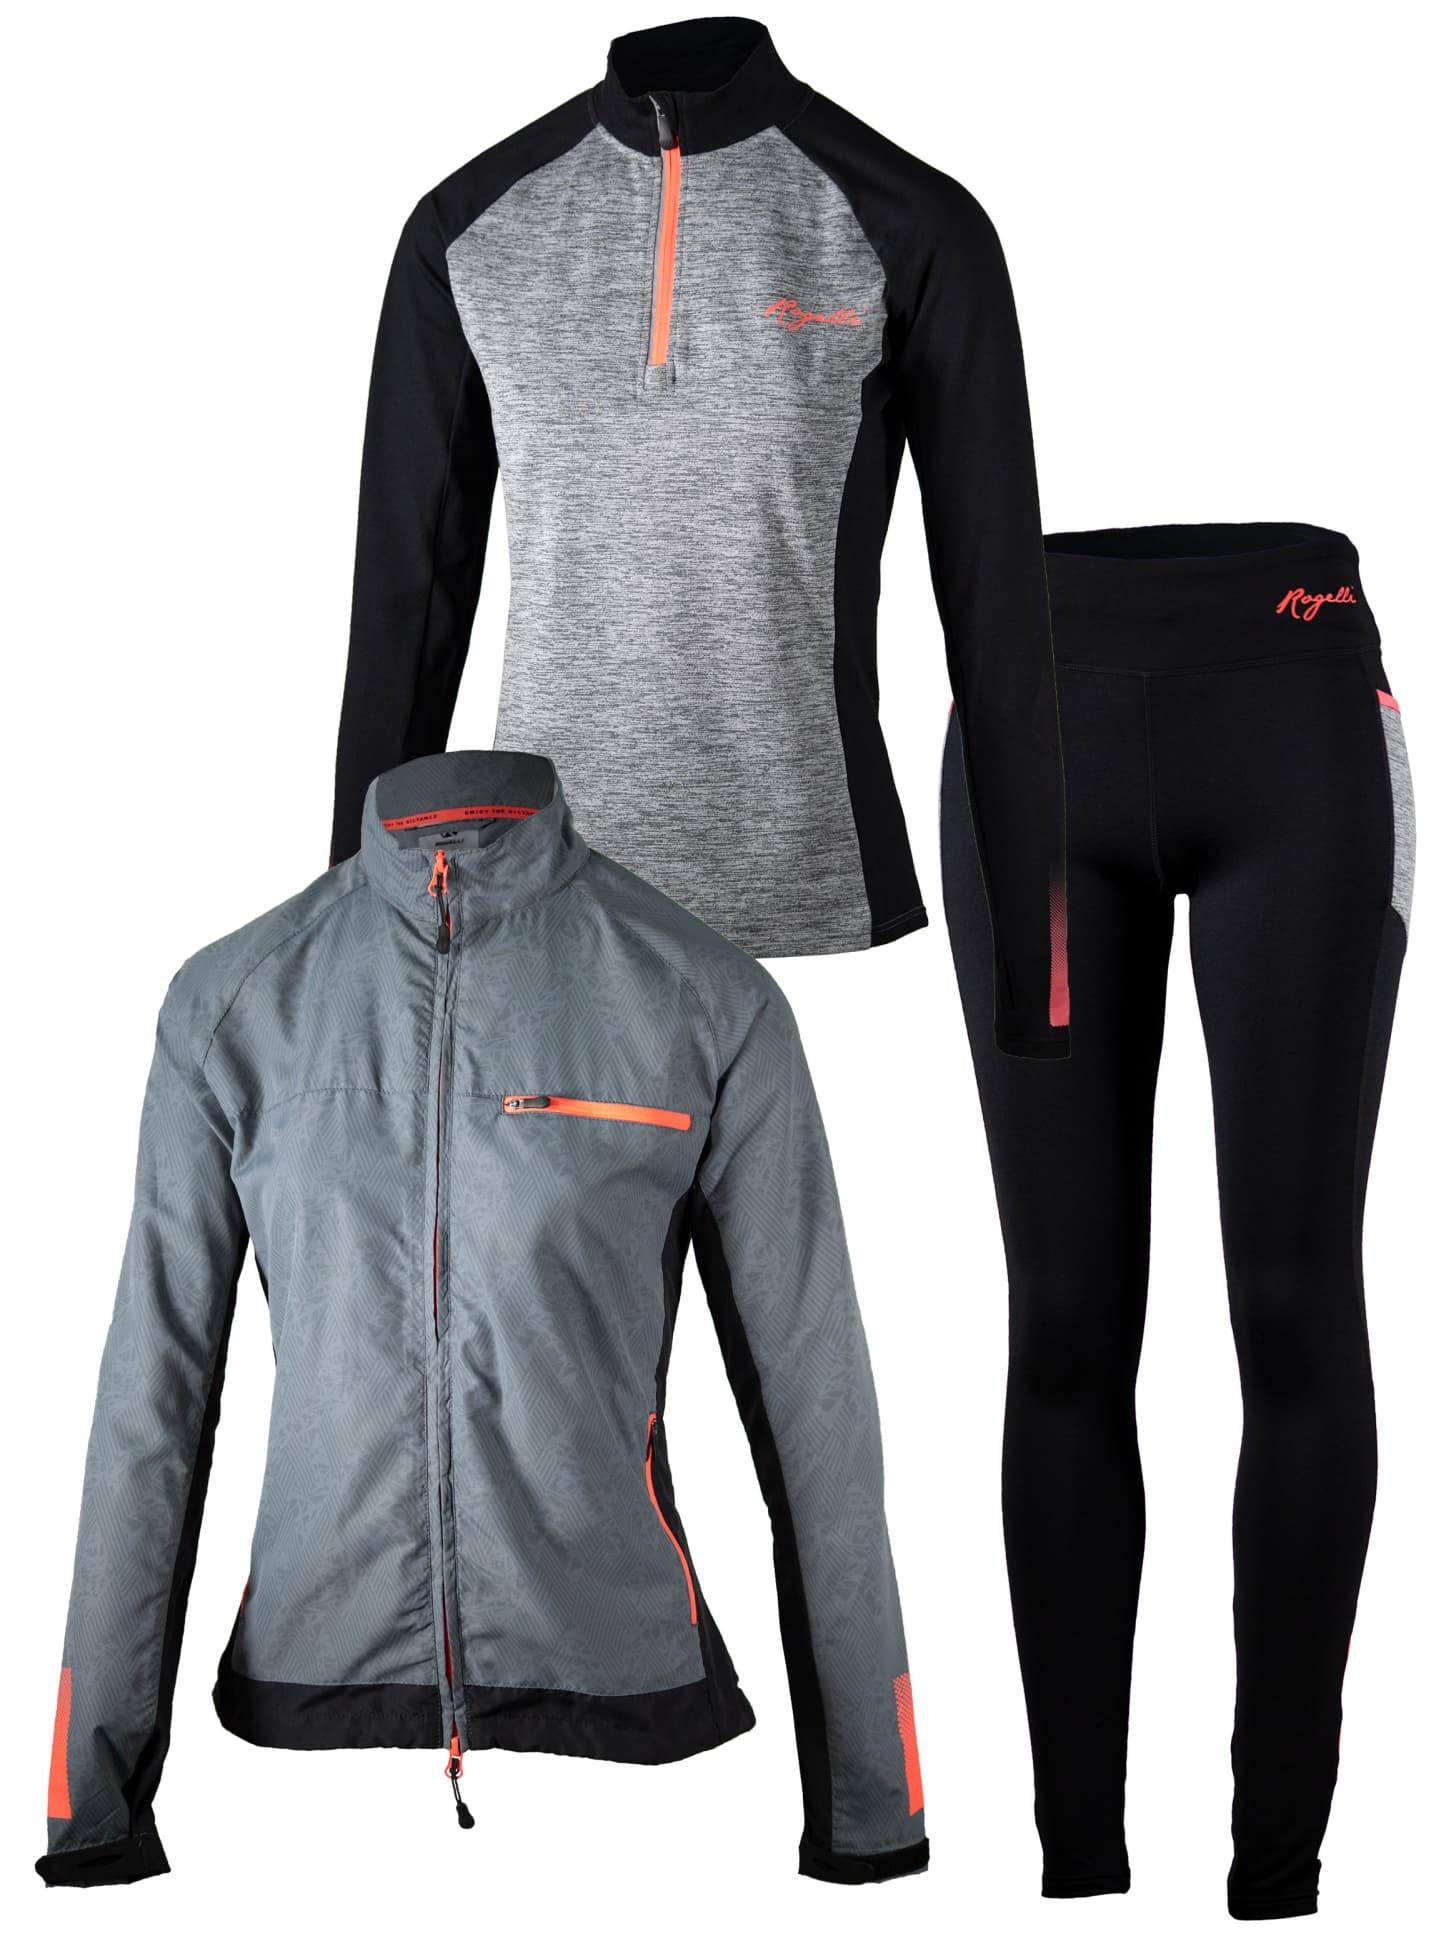 dfdaf048c9c0 Dámské běžecké oblečení Rogelli DYNAMIC